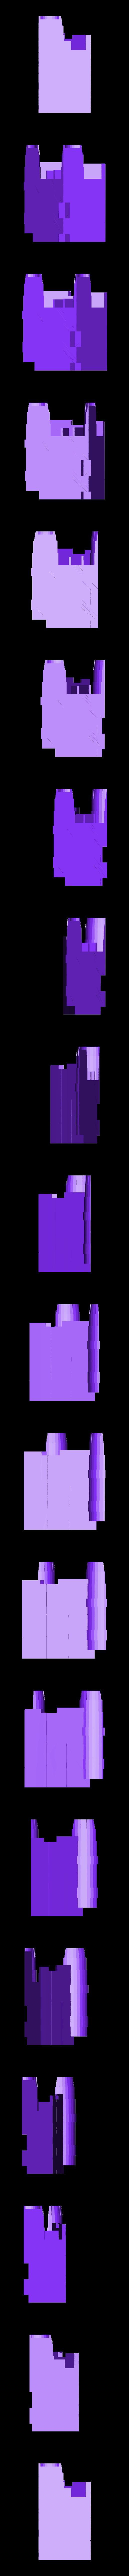 Rear_MidBD.stl Télécharger fichier STL gratuit Frégate Nebulon B (coupée et sectionnée) • Modèle pour impression 3D, Masterkookus